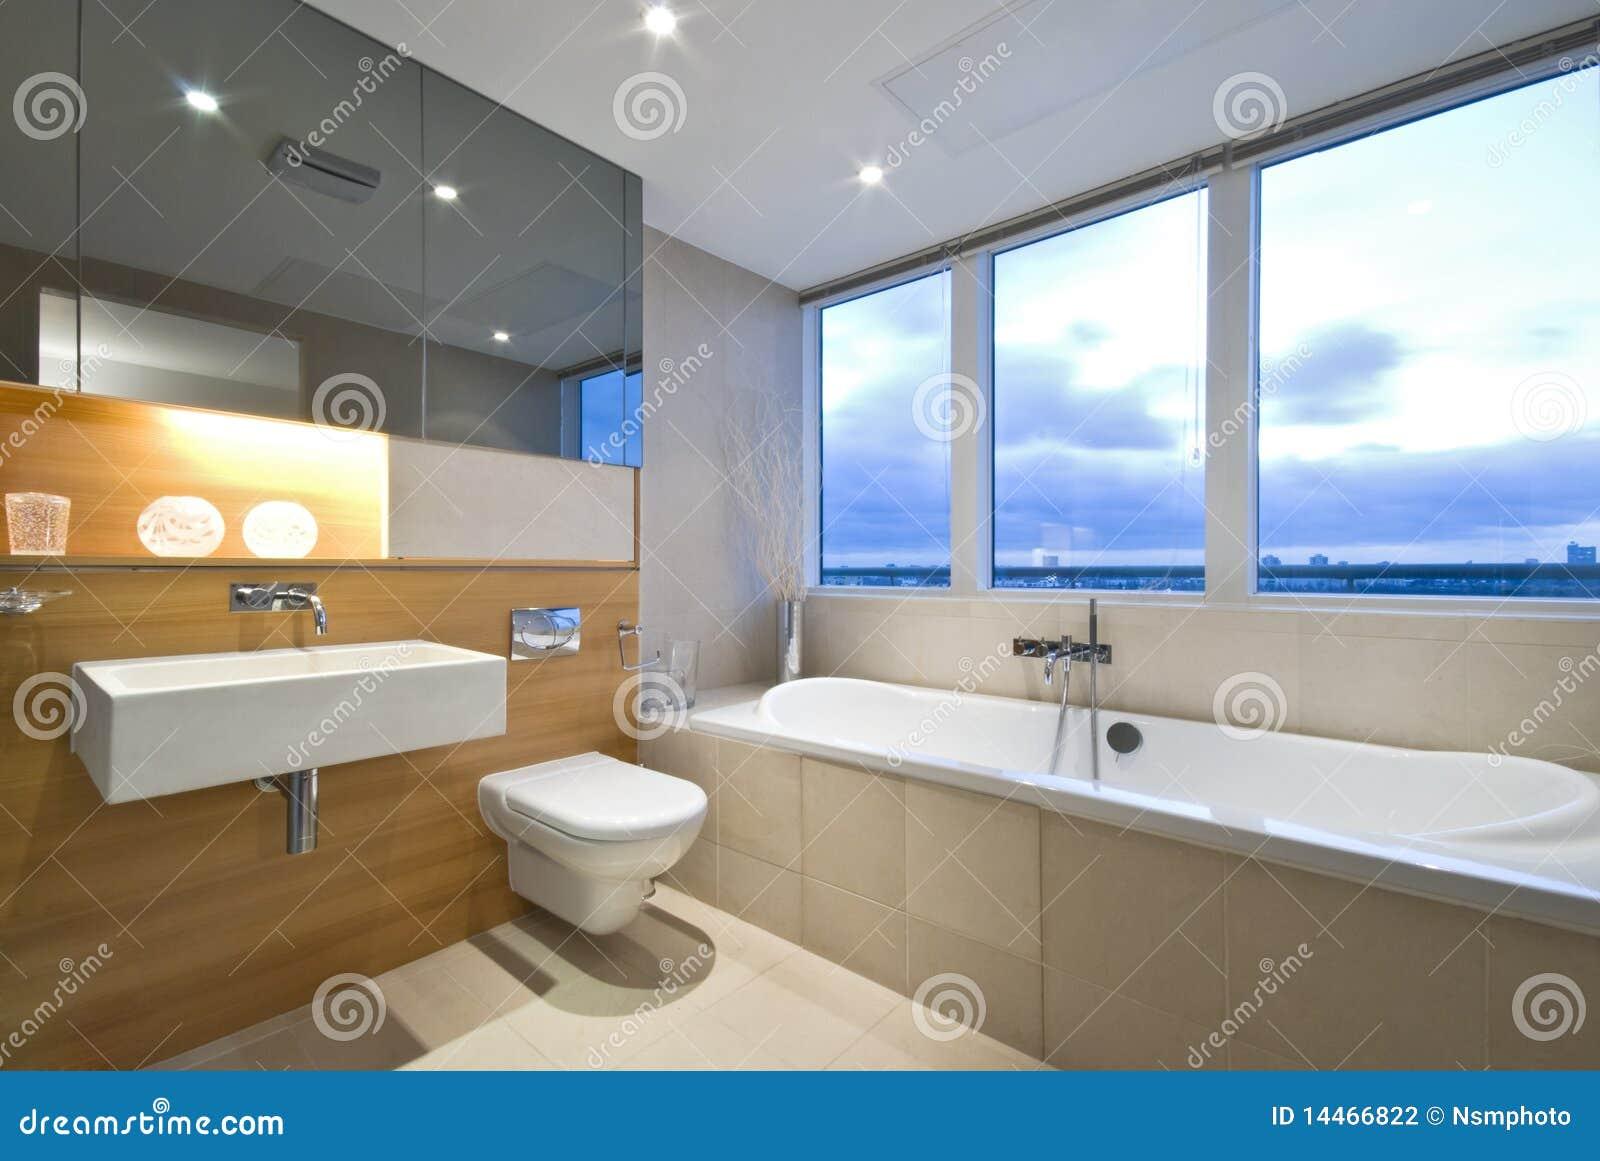 Cuarto de ba o moderno de la en habitaci n con la ventana for Cuartos de bano grandes